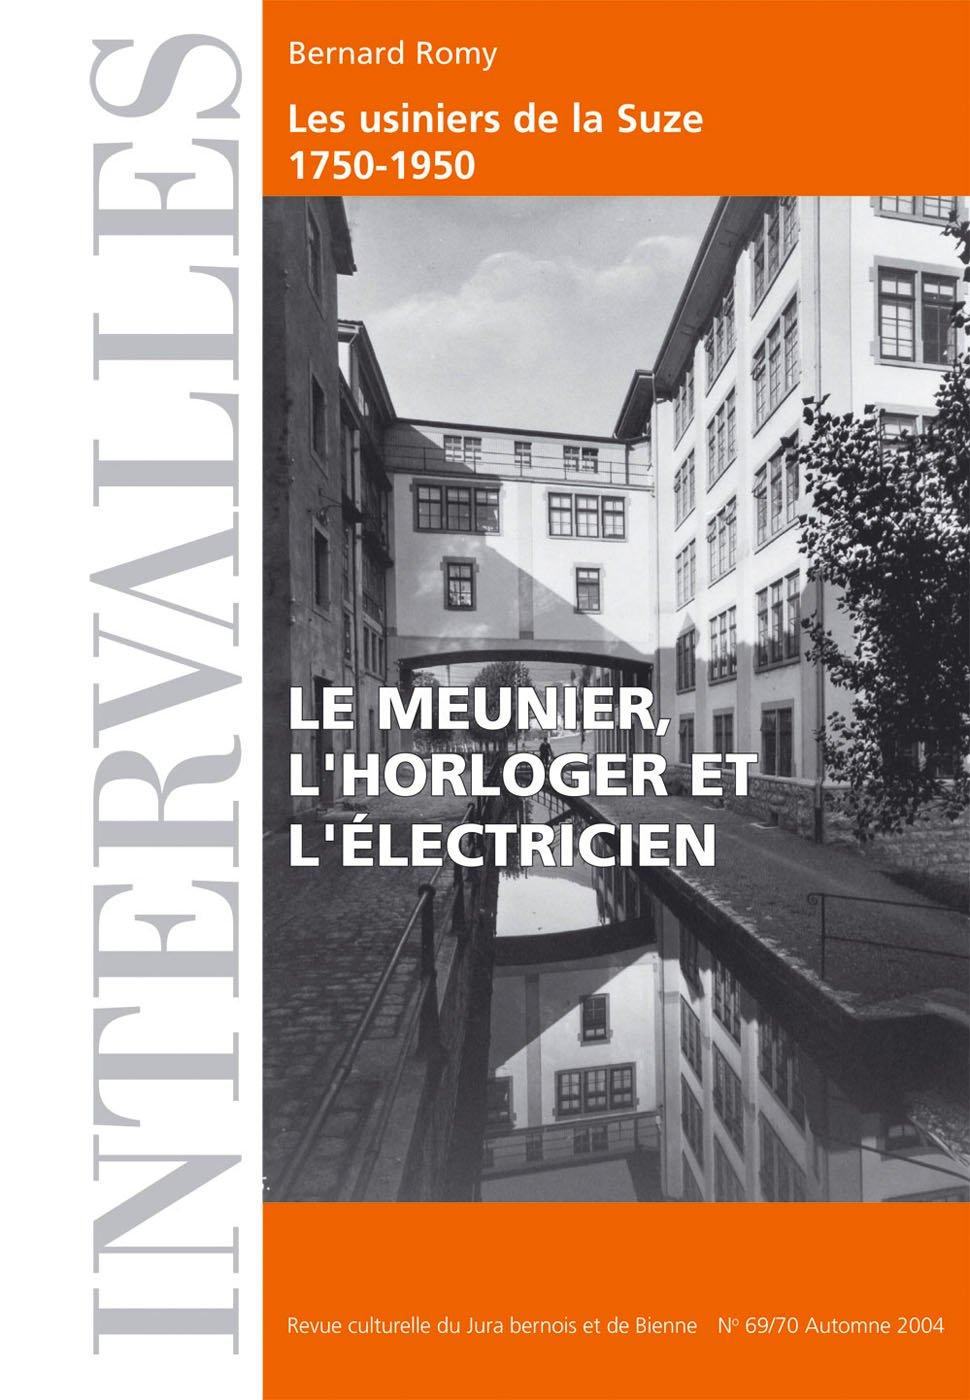 No 69-70 – Le meunier, l'horloger et l'électricien